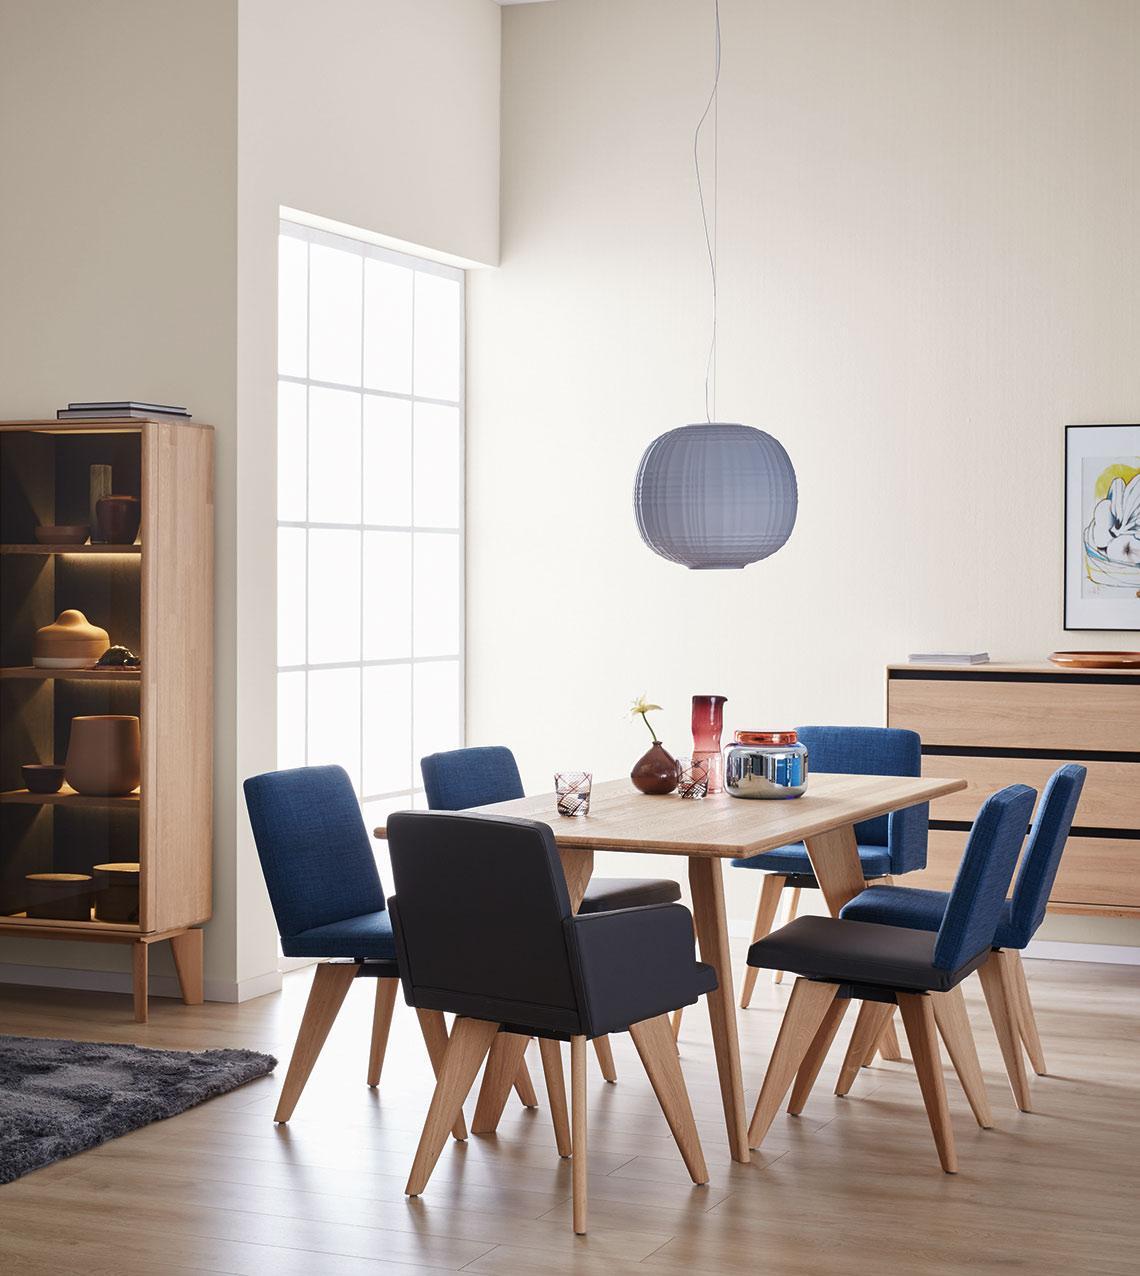 Wohnzimmer Schöner Wohnen Farbe